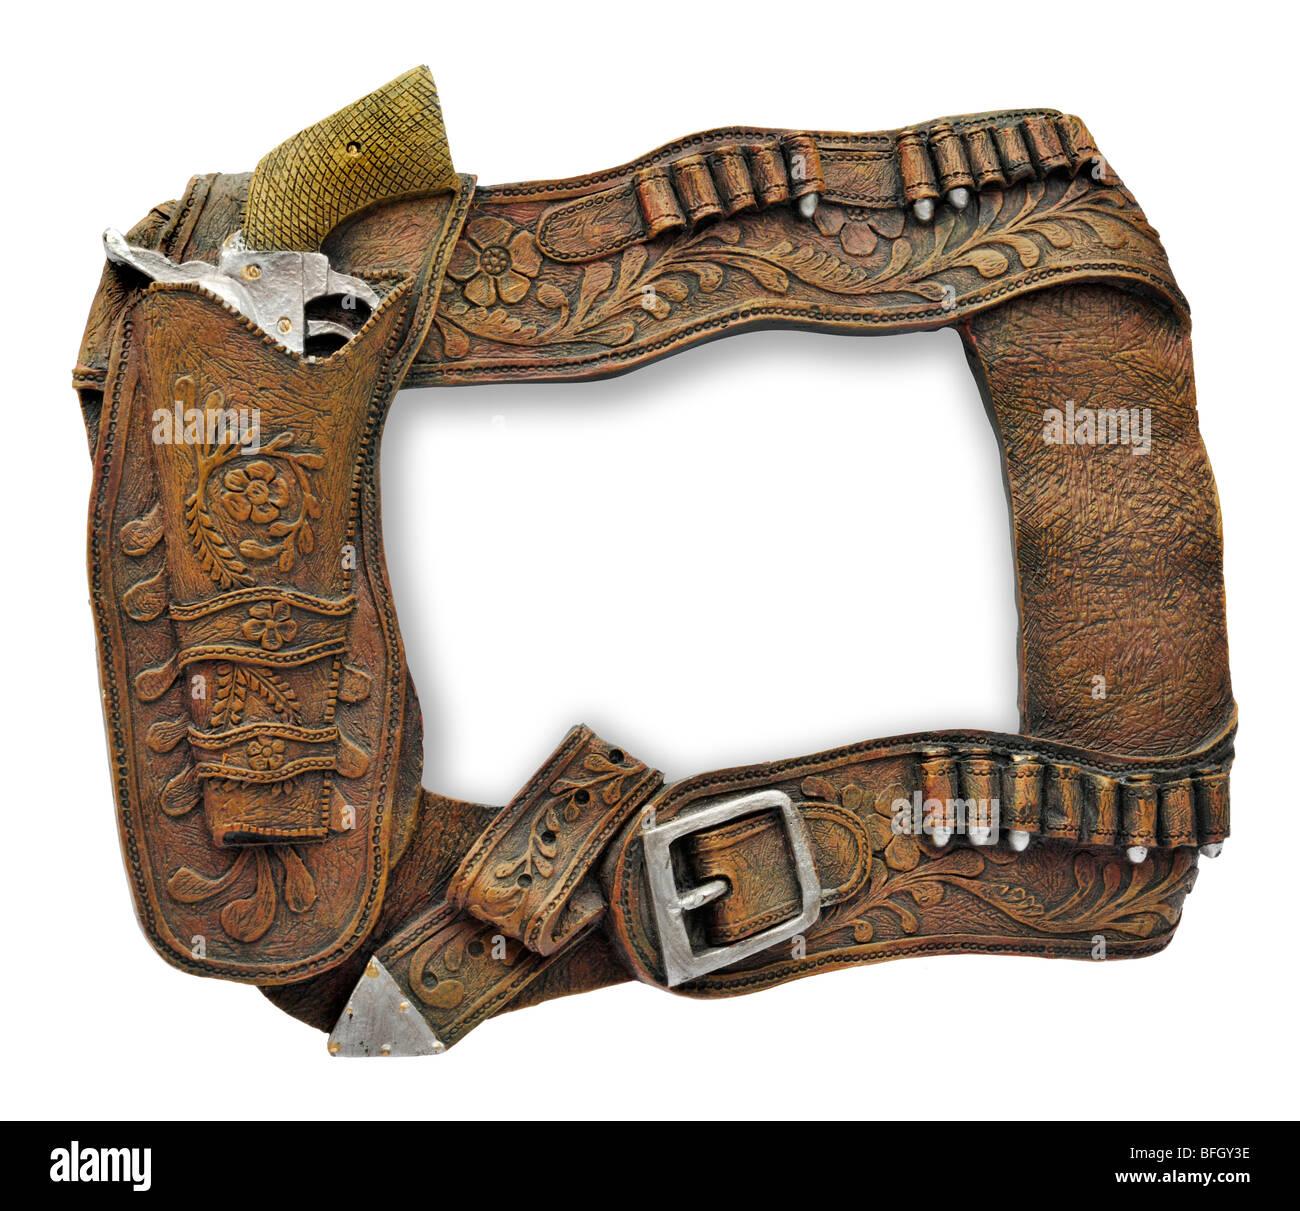 Gun Holster Usa Stockfotos & Gun Holster Usa Bilder - Alamy